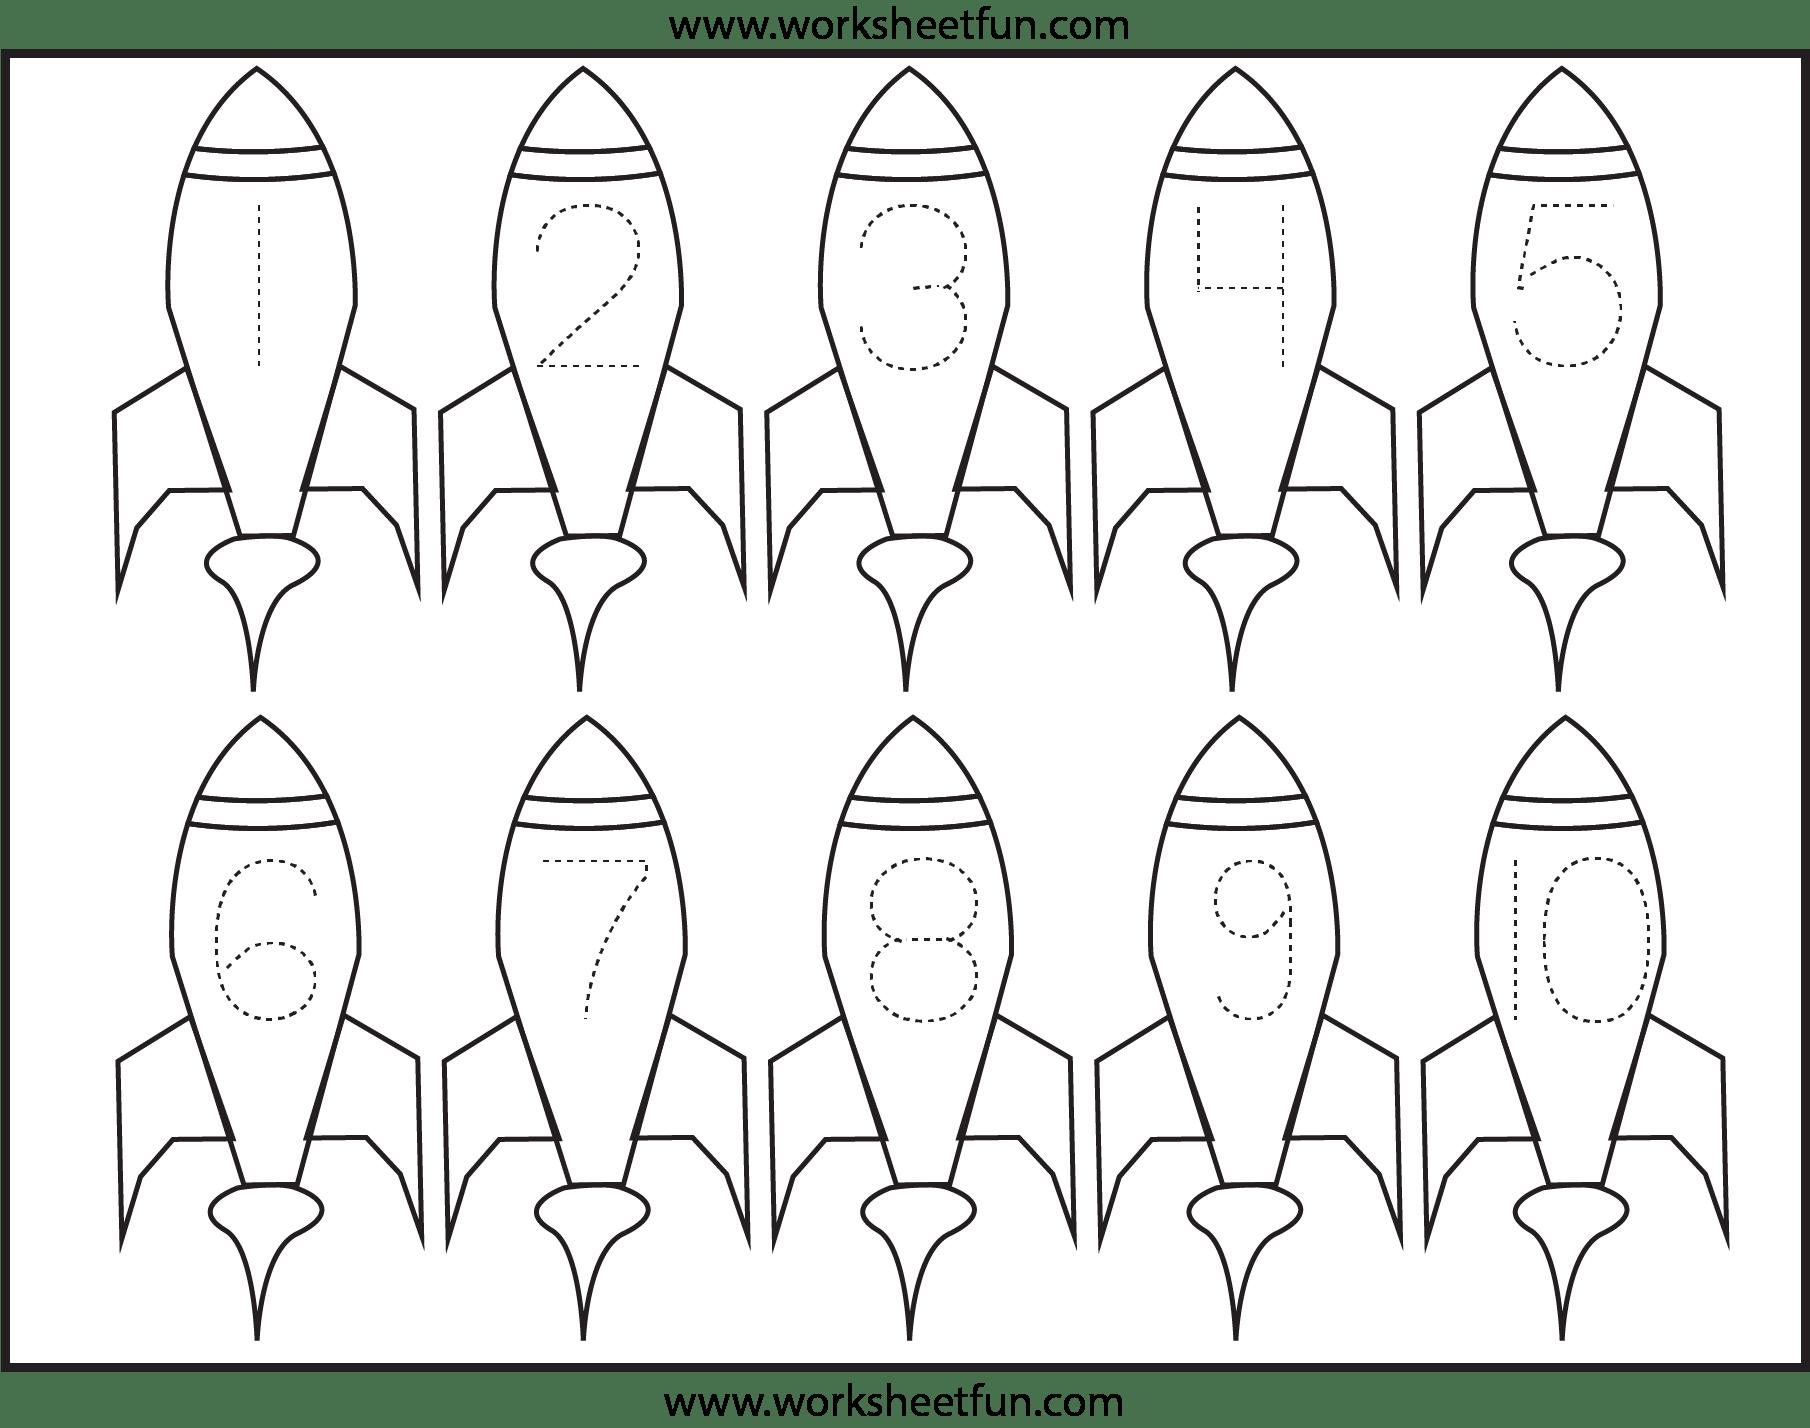 Number Coloring Pages 1 10 Worksheets Free Printable Worksheets Worksheetfun